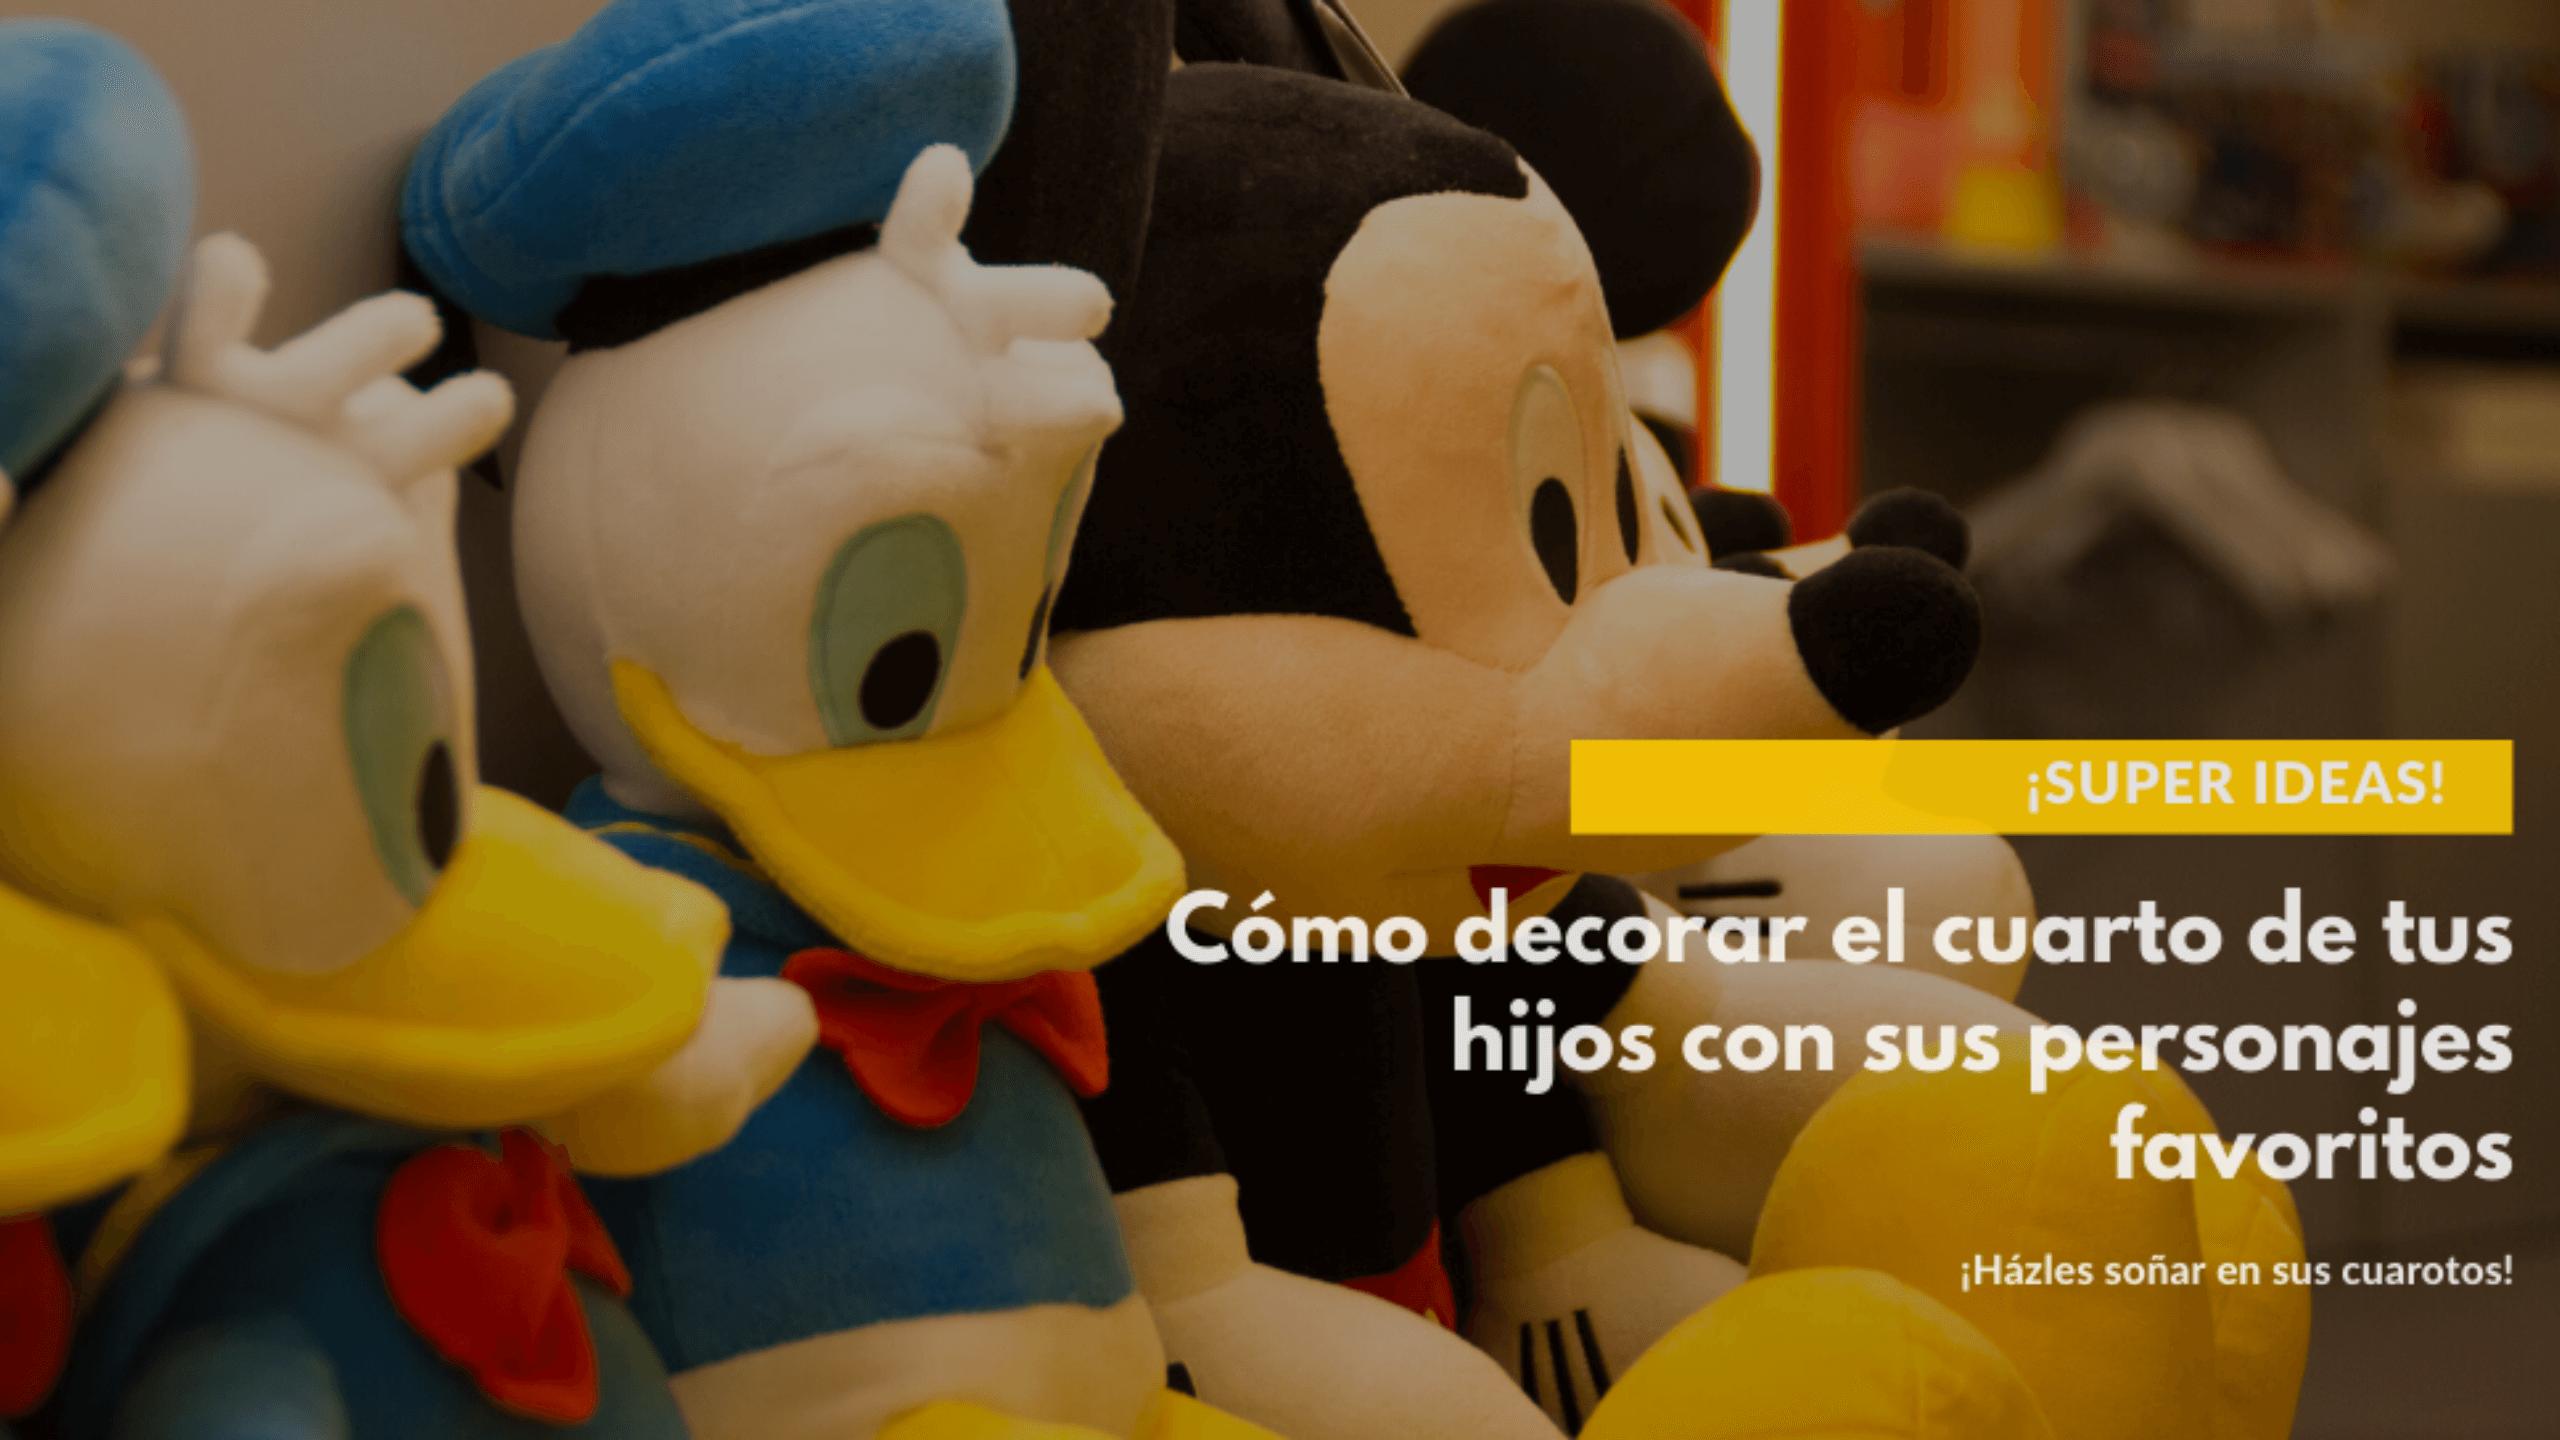 SUPER ideas para decorar el cuarto de tus hijos con sus personajes favoritos